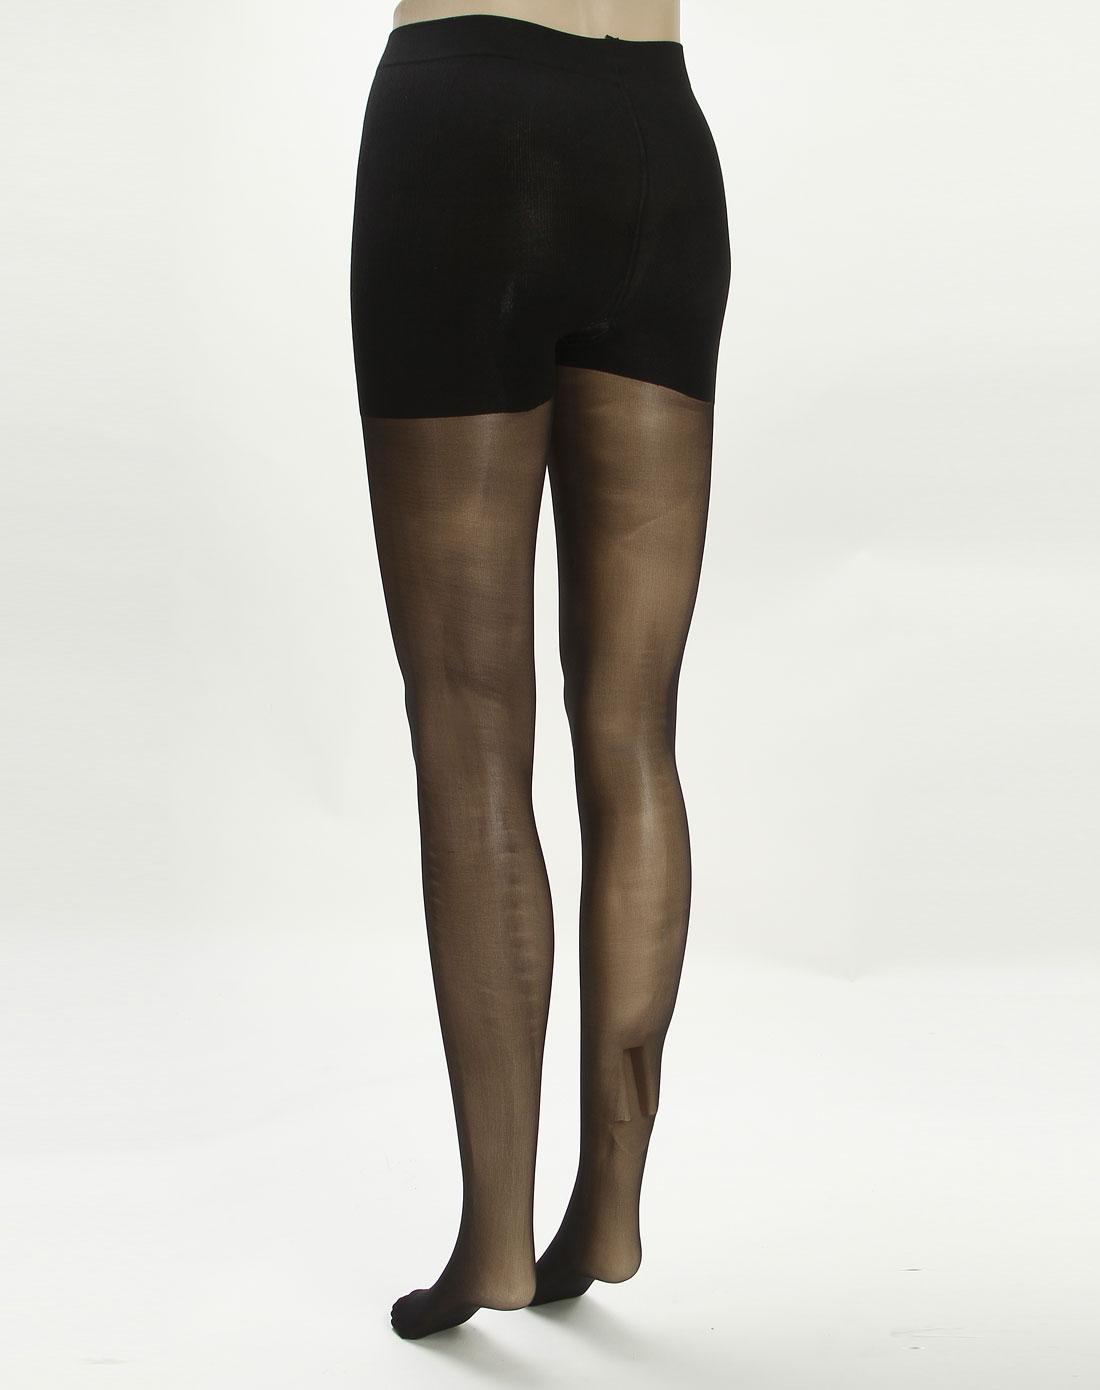 寓美女款黑色收腹提臀天鹅绒连裤袜2双装3852002